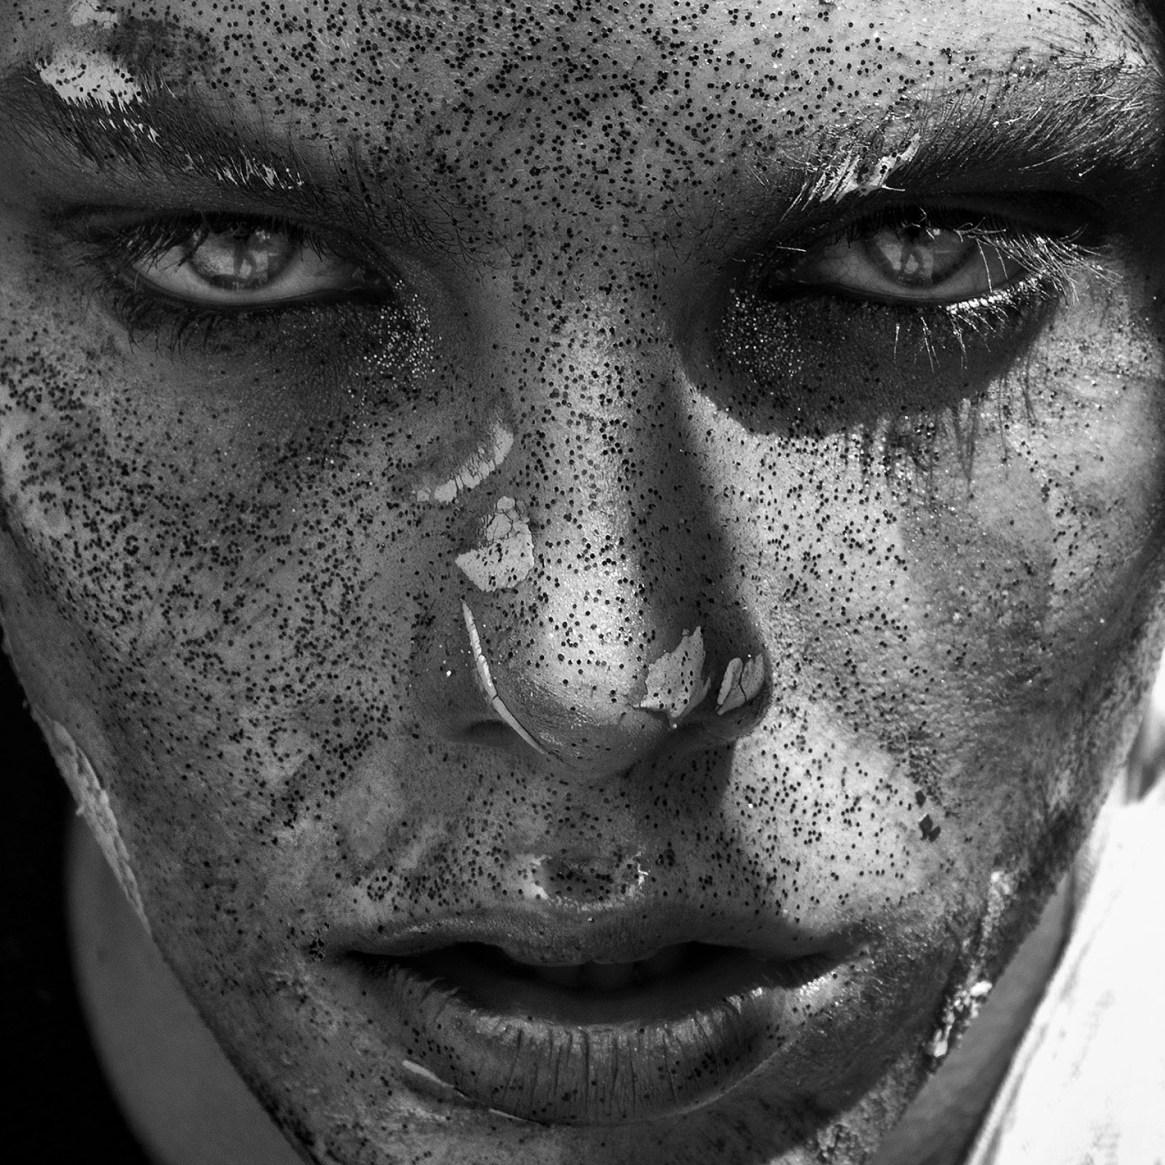 THE REMNANTS José Luis Lozano Platt FLESH Magazine Lion Bagnis QUETAROJAS, Alberto Perera Bang Models, Max Asch GHMANAGEMENT